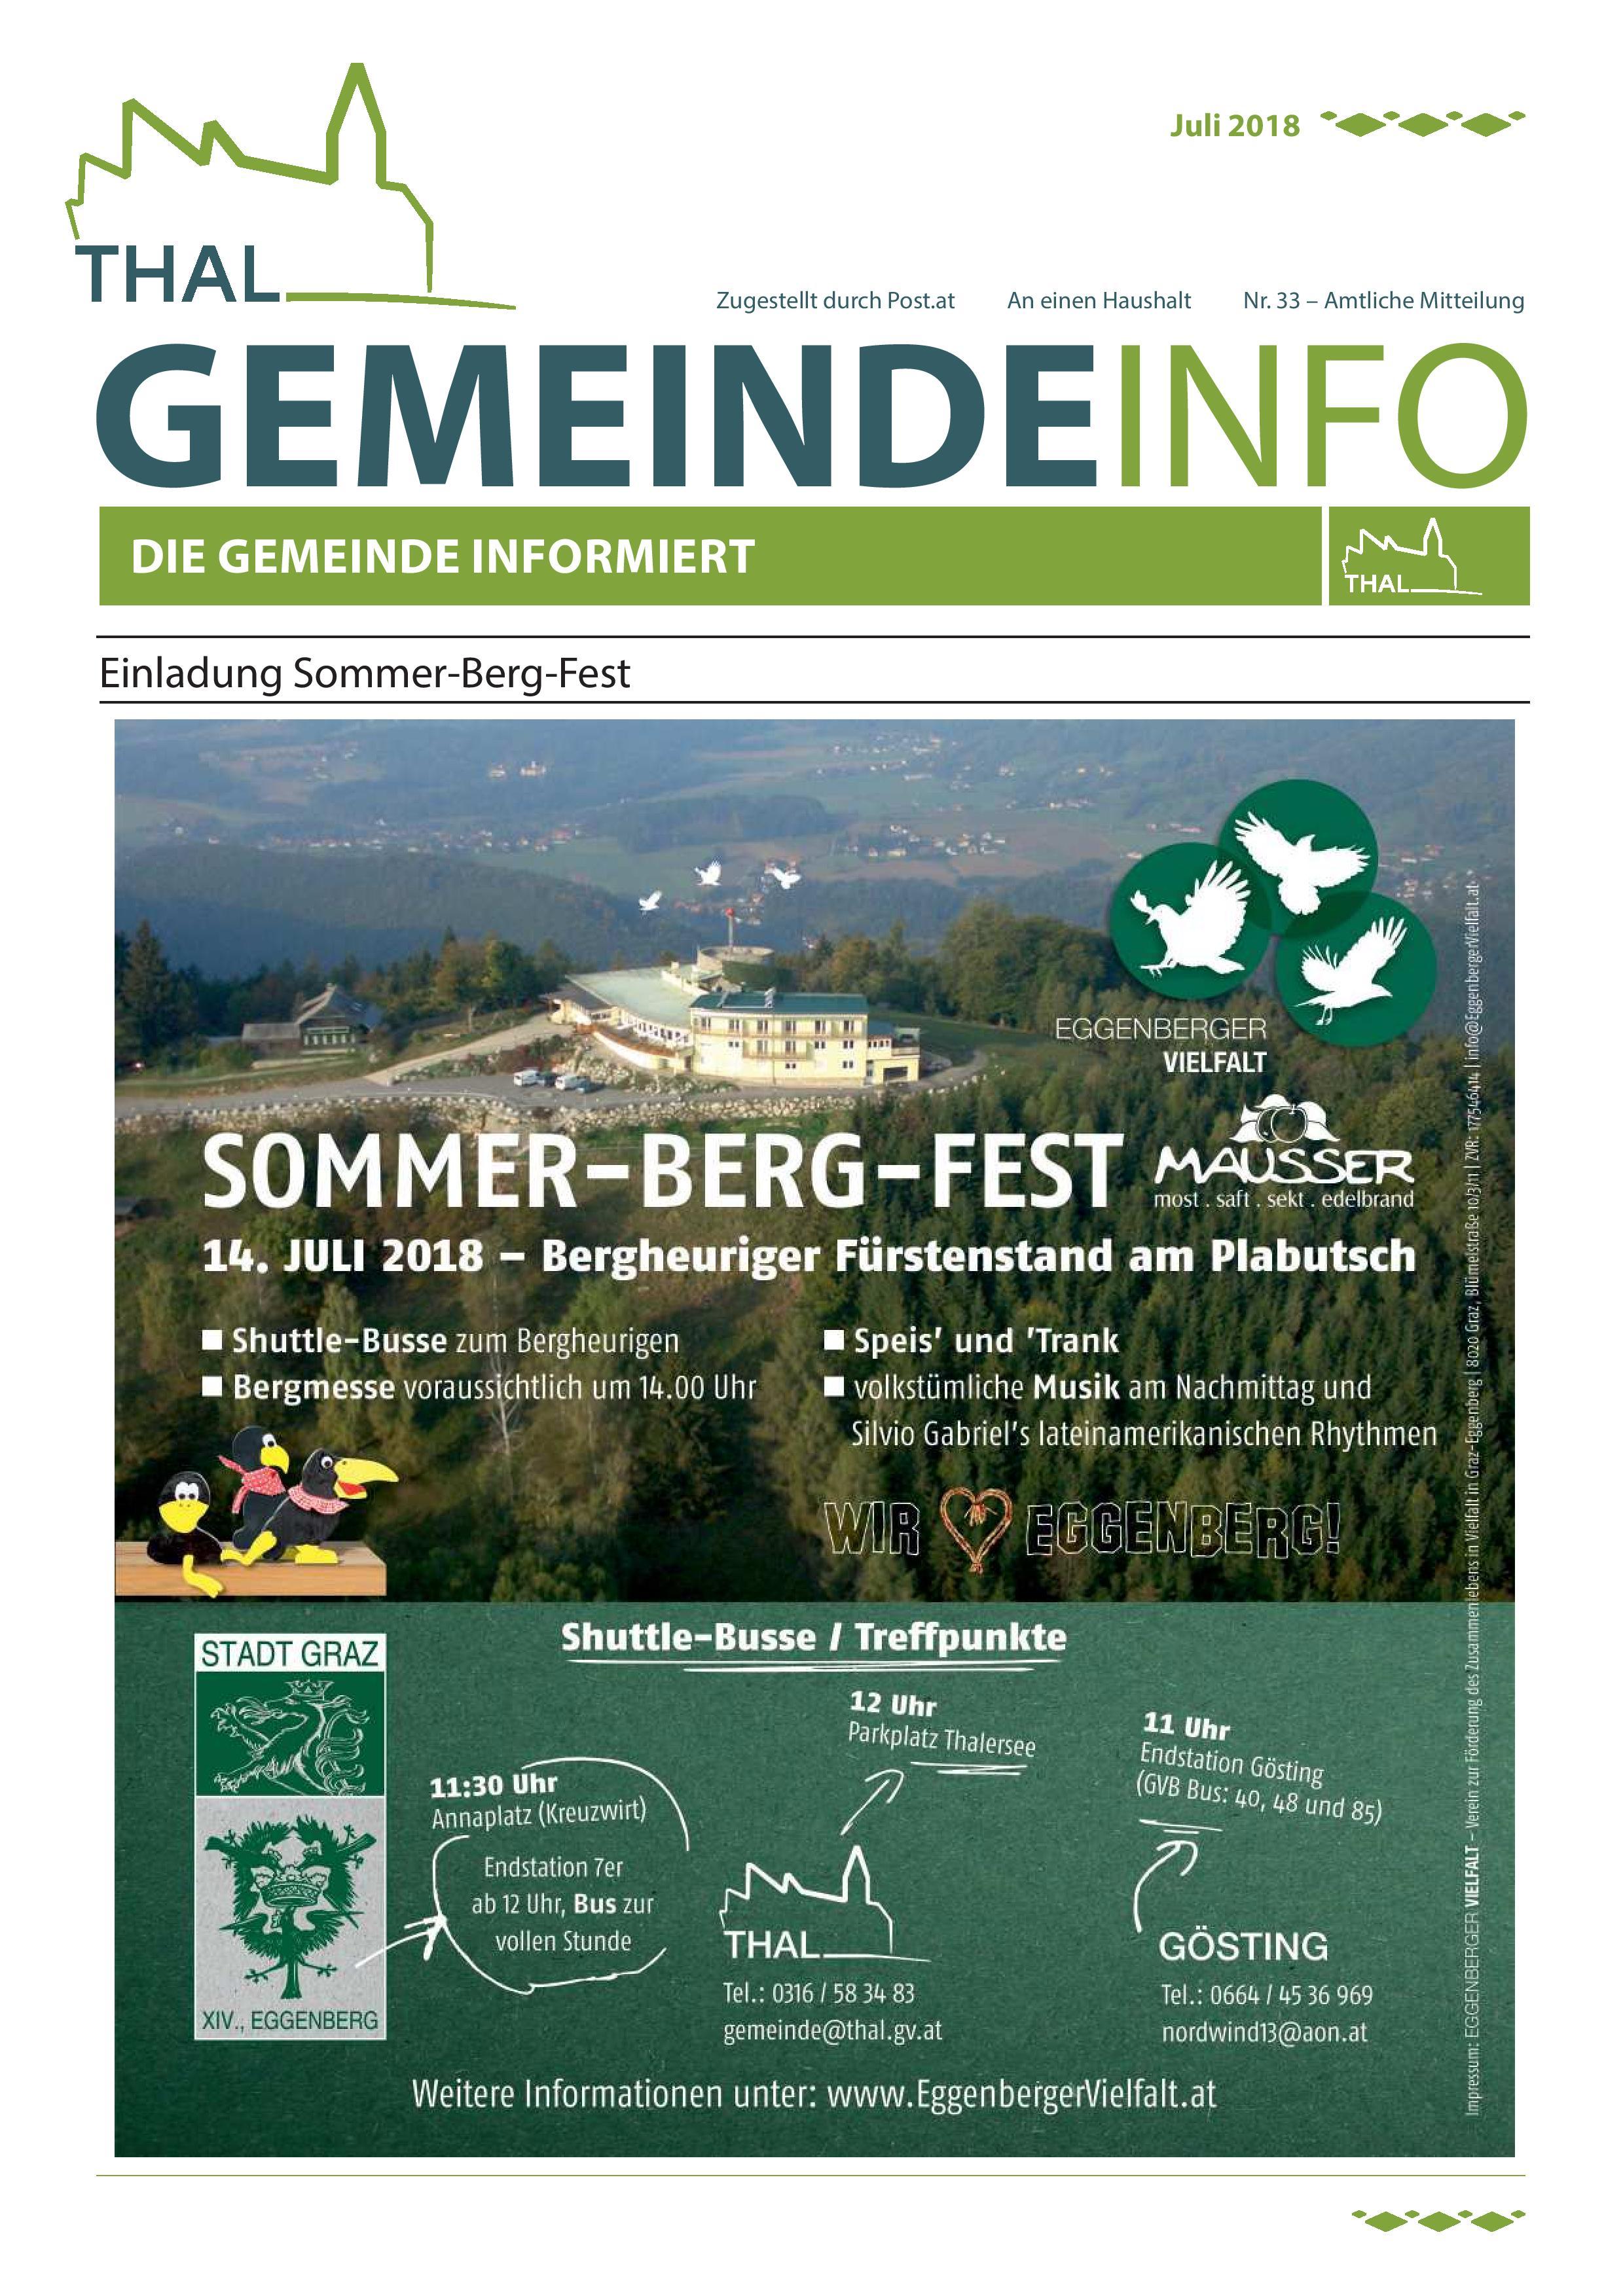 gemeindeTHAL-Flugblatt-Nr33_DRUCK.indd-page-001